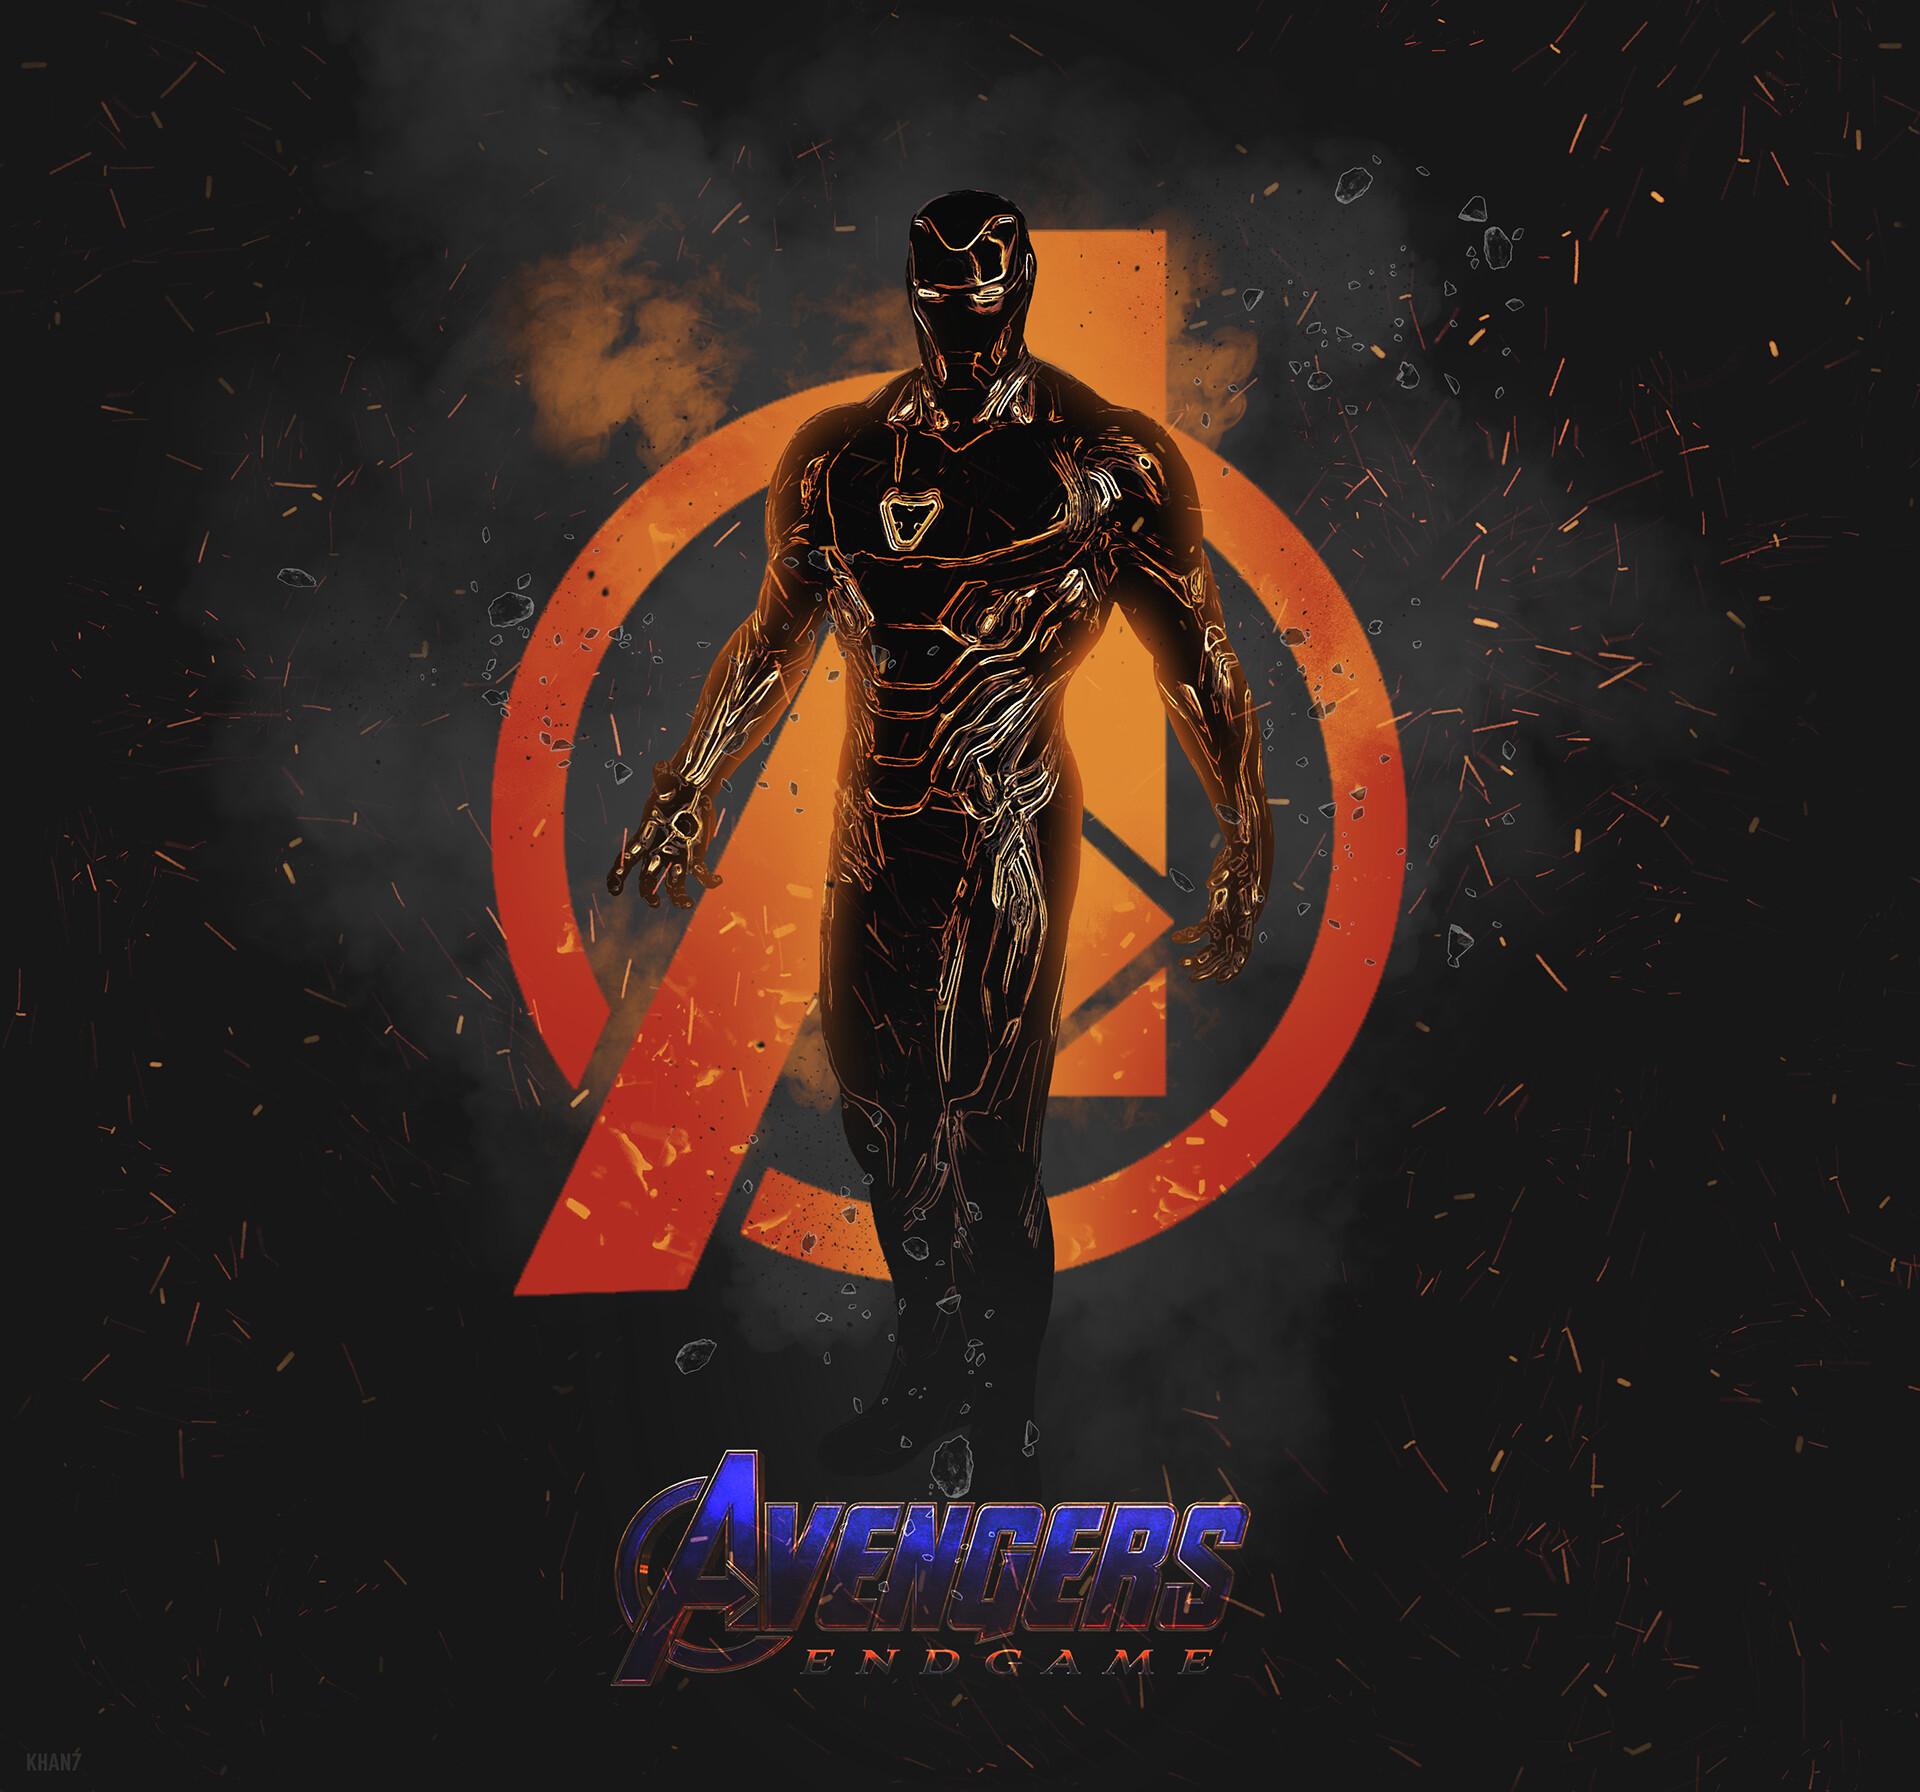 ArtStation - Avengers Endgame - Iron Man Character Poster